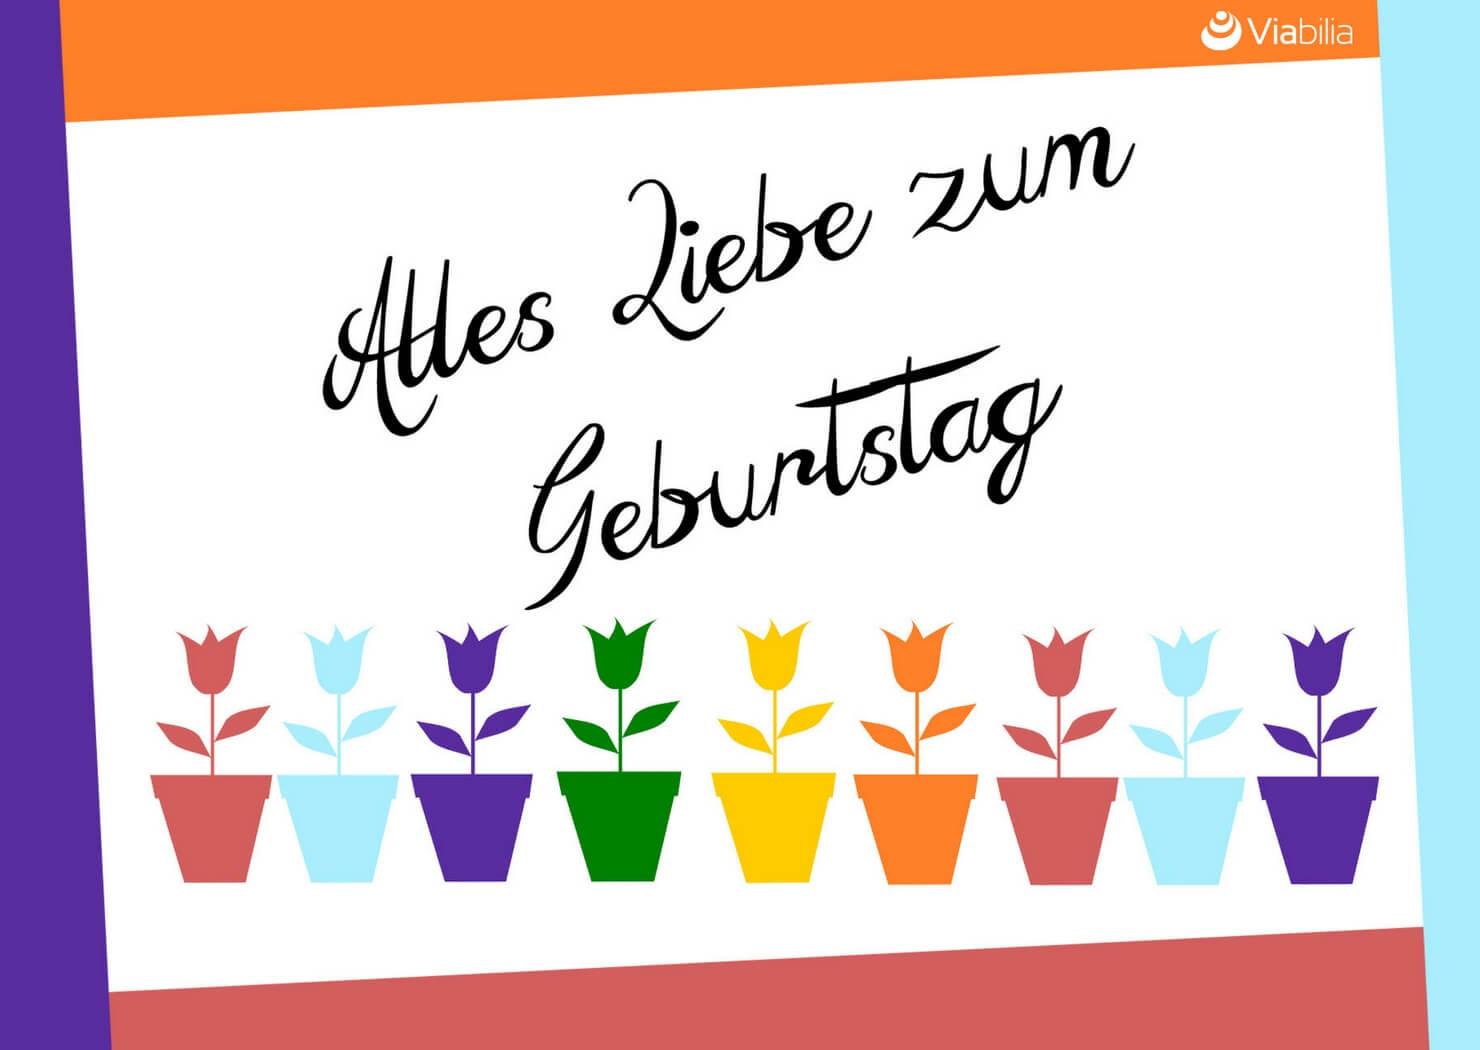 Geburtstagskarten Zum Ausdrucken Kostenlos  Geburtstagskarten kostenlos als PDF ausdrucken